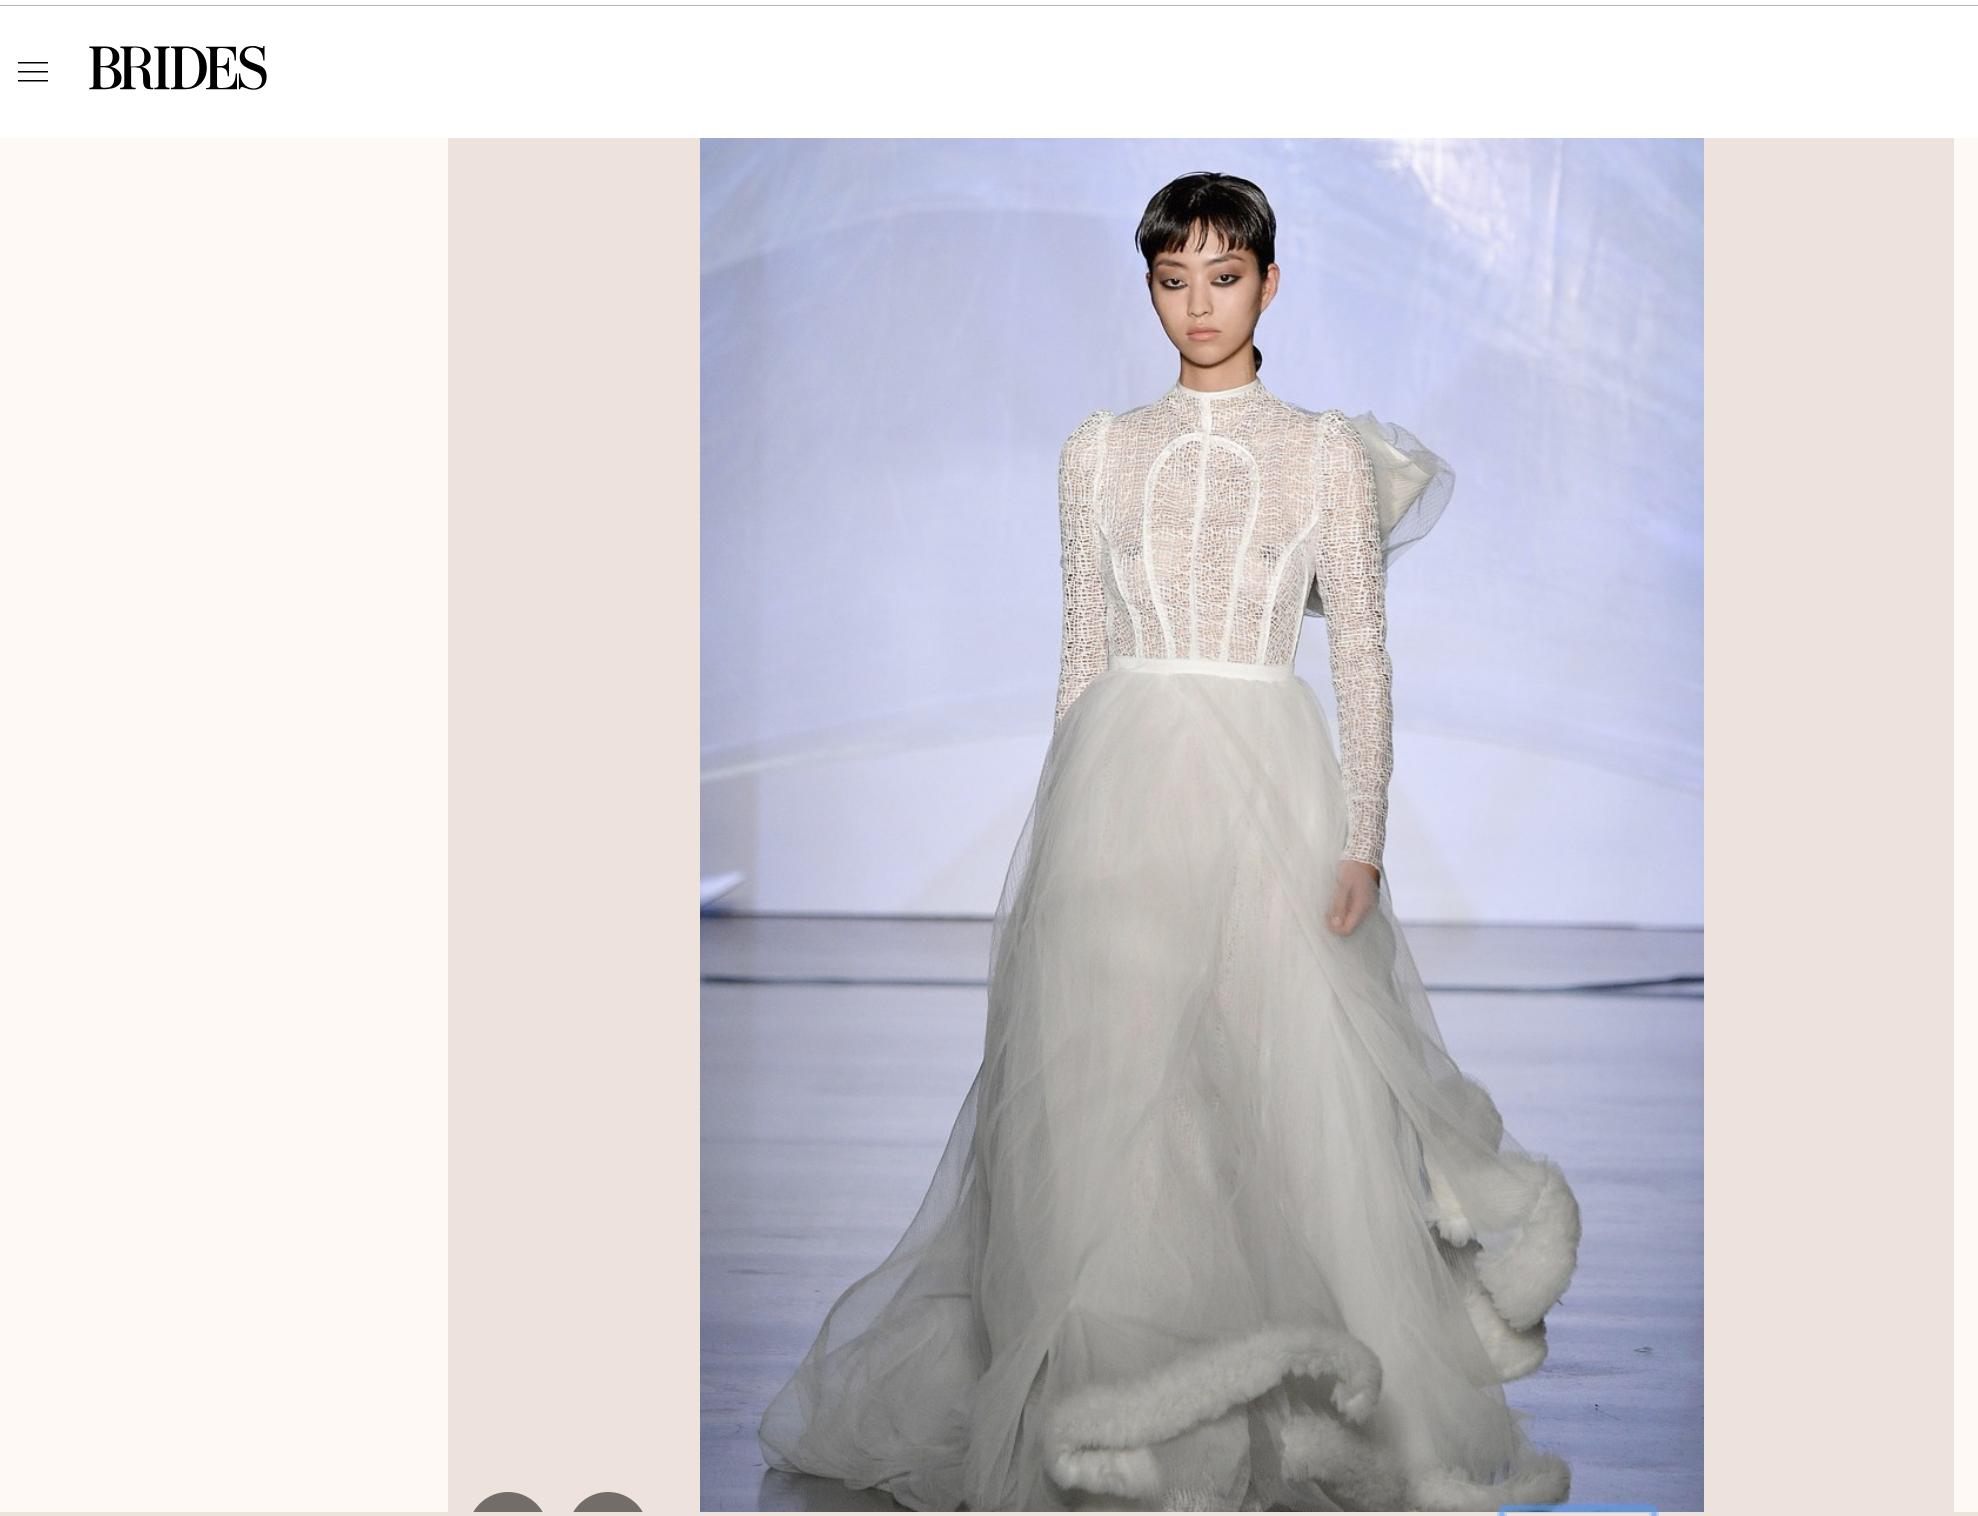 VOGUE Mỹ, VOGUE Tây Ban Nha và hàng loạt tạp chí thời trang thế giới đồng loạt đưa tin về show diễn PHUONG MY tại NYFW - Ảnh 7.